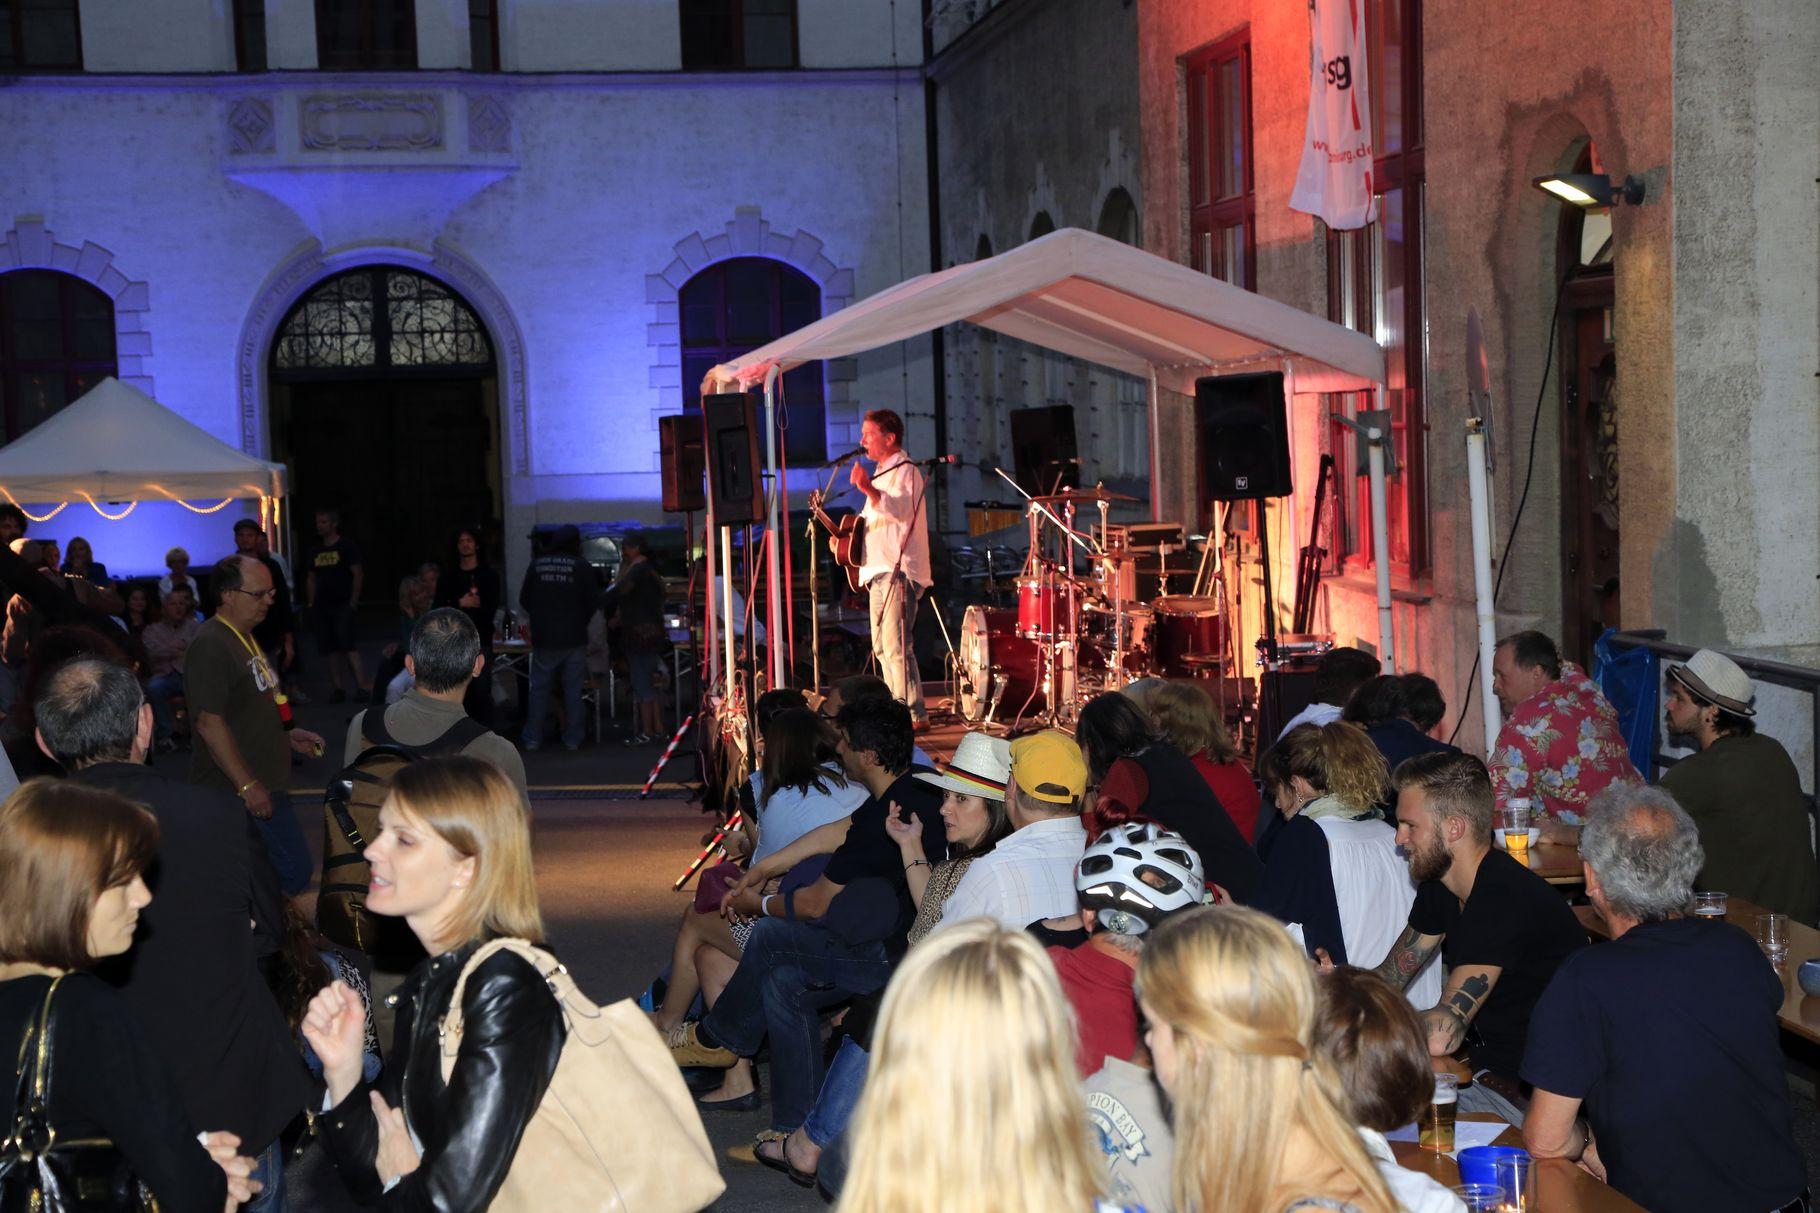 Konzerte im Bürgerhof 26.06.14 Byron - Freiwilligen-Zentrum Augsburg - Foto: Franz Lechner